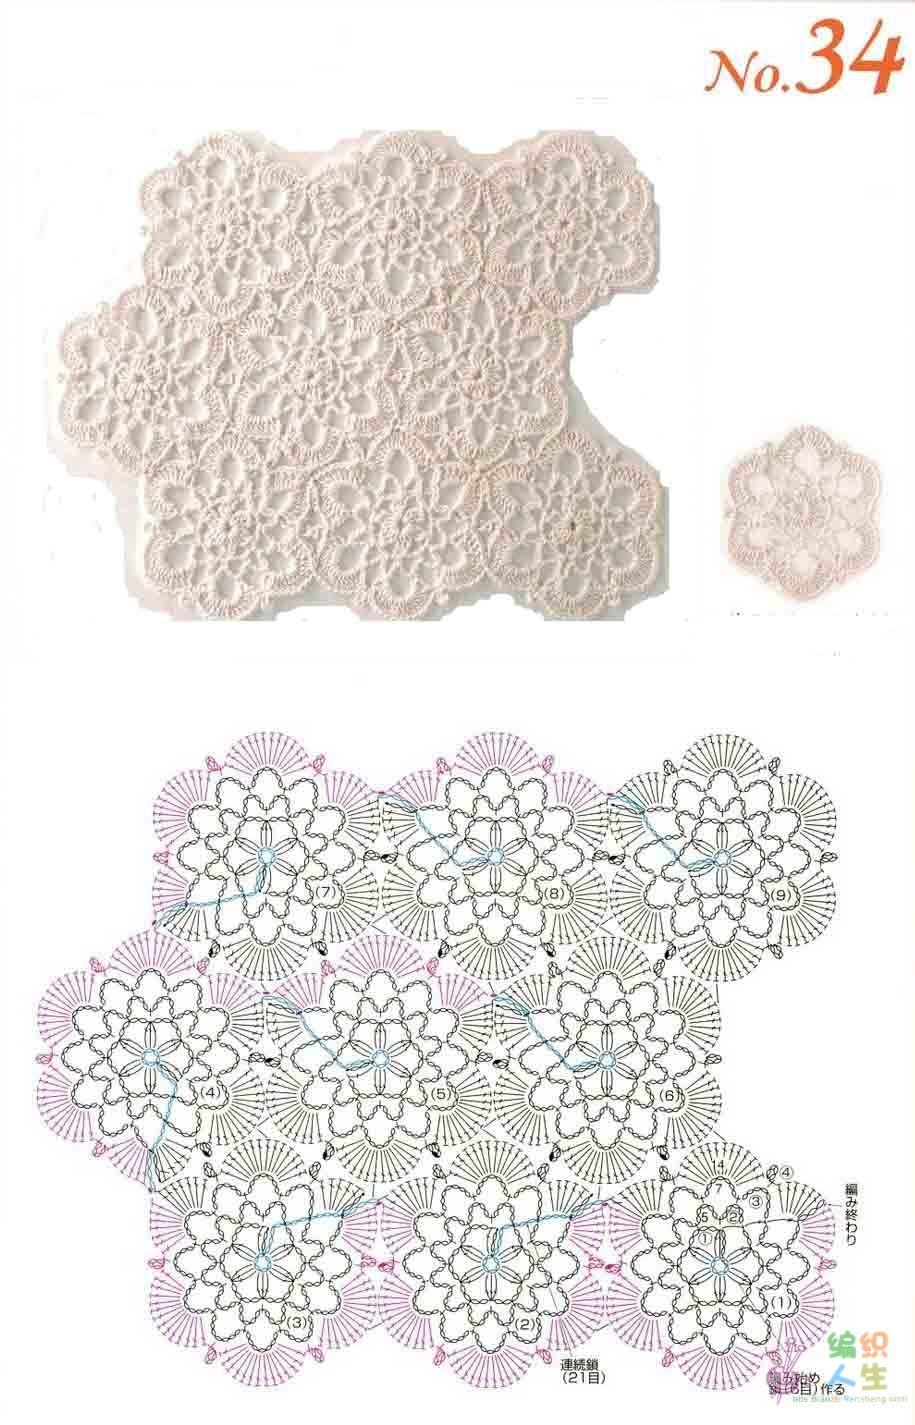 Clases de Puntos y Patrones. Libros - Patrones Crochet | Crochet ต่อ ...